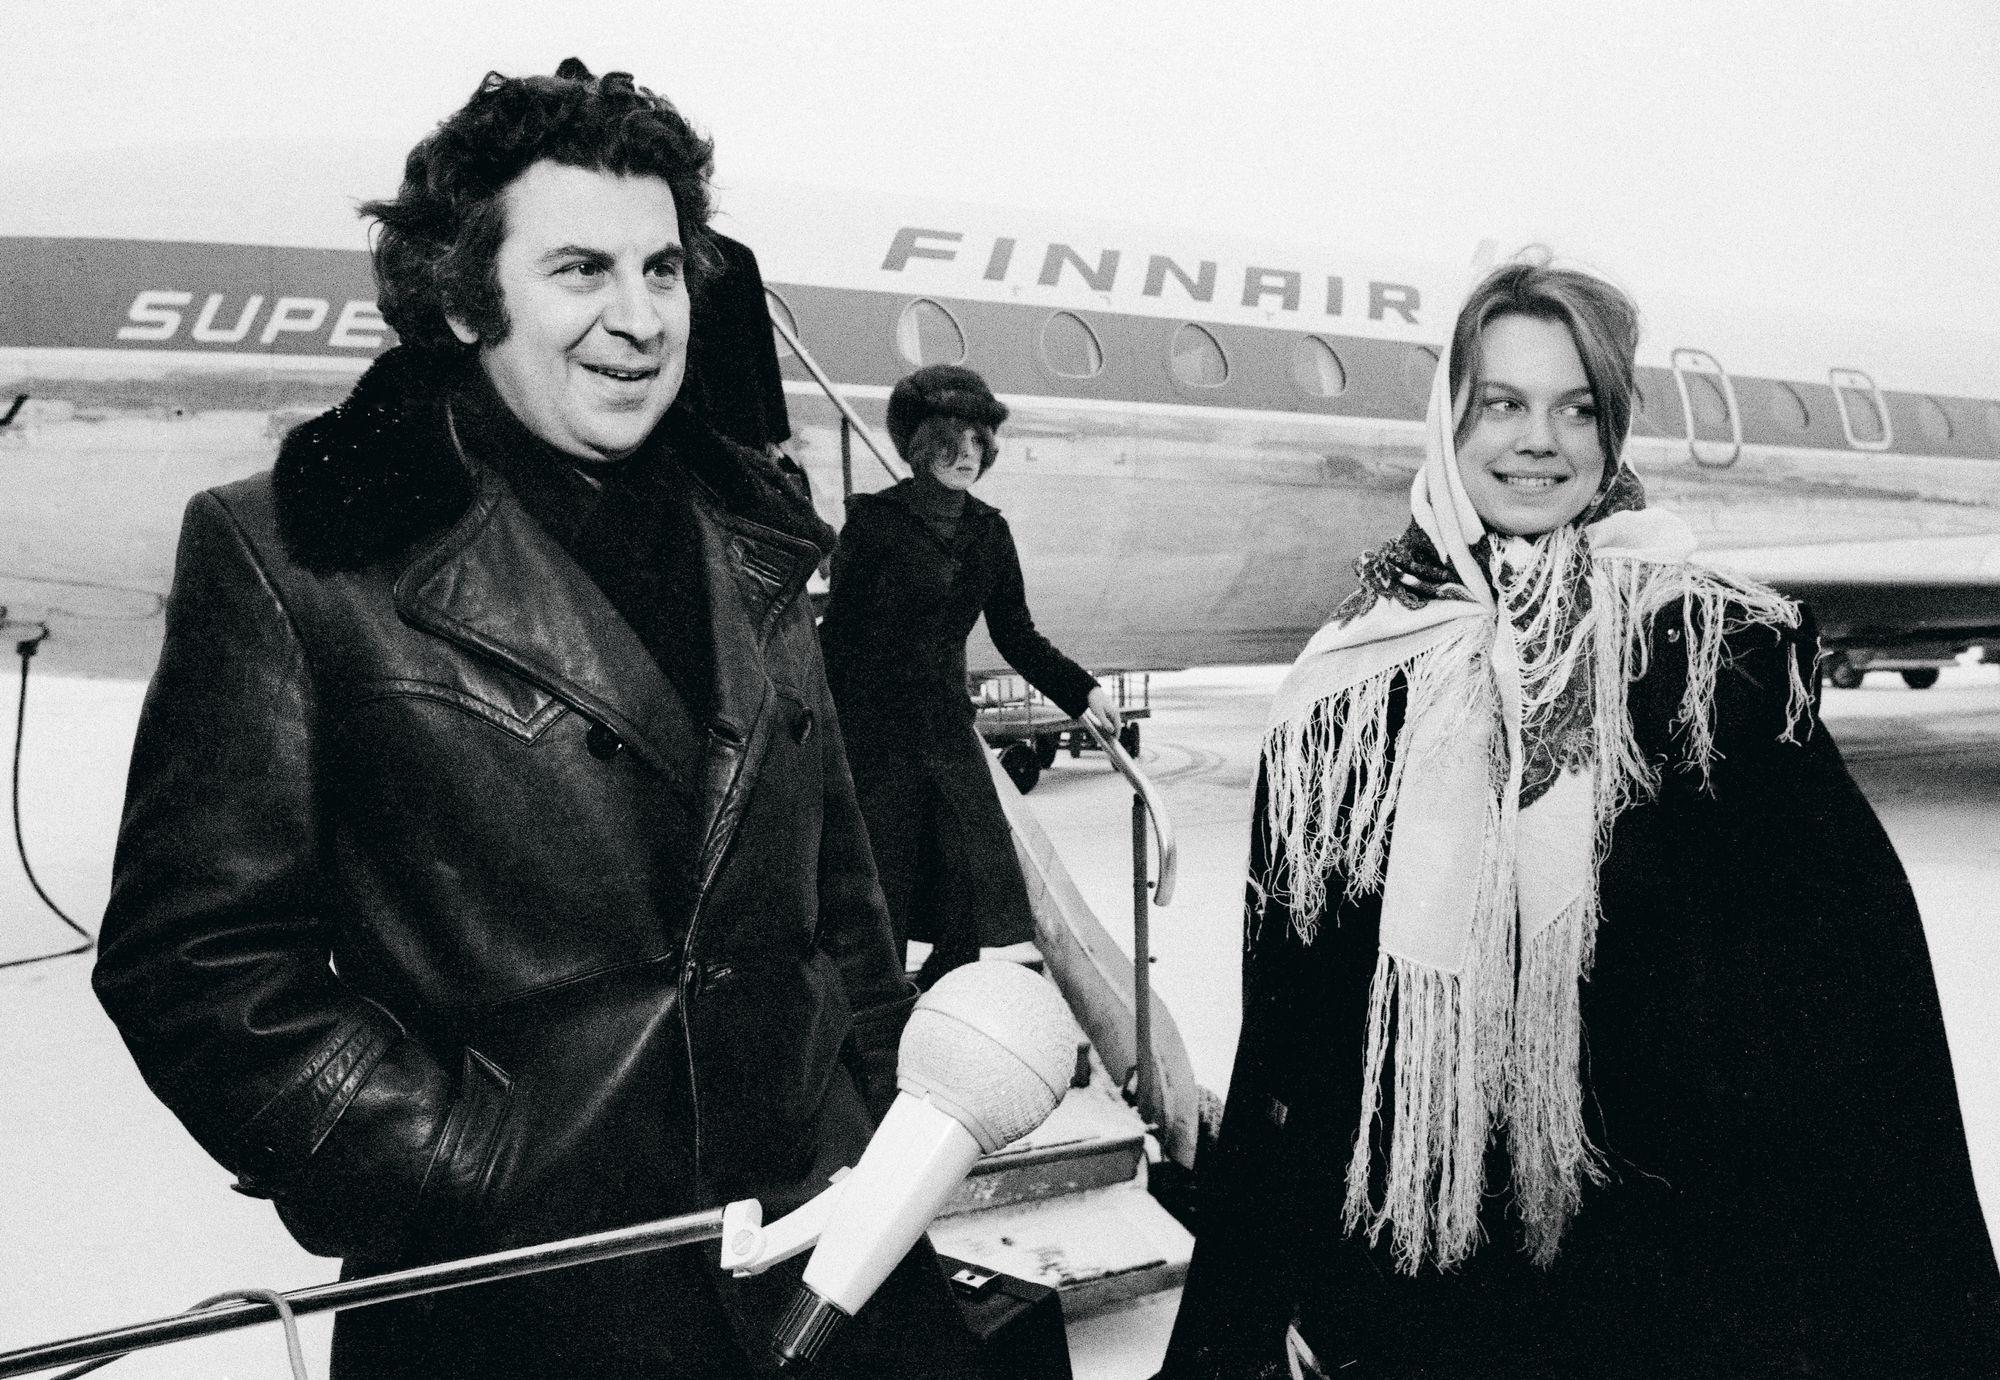 Mikis Theodorakisin matkassa Arja Saijonmaa pääsi konsertoimaan niin Australiaan kuin Etelä-Amerikkaankin. Kuva vuodelta 1972. © Lehtikuva